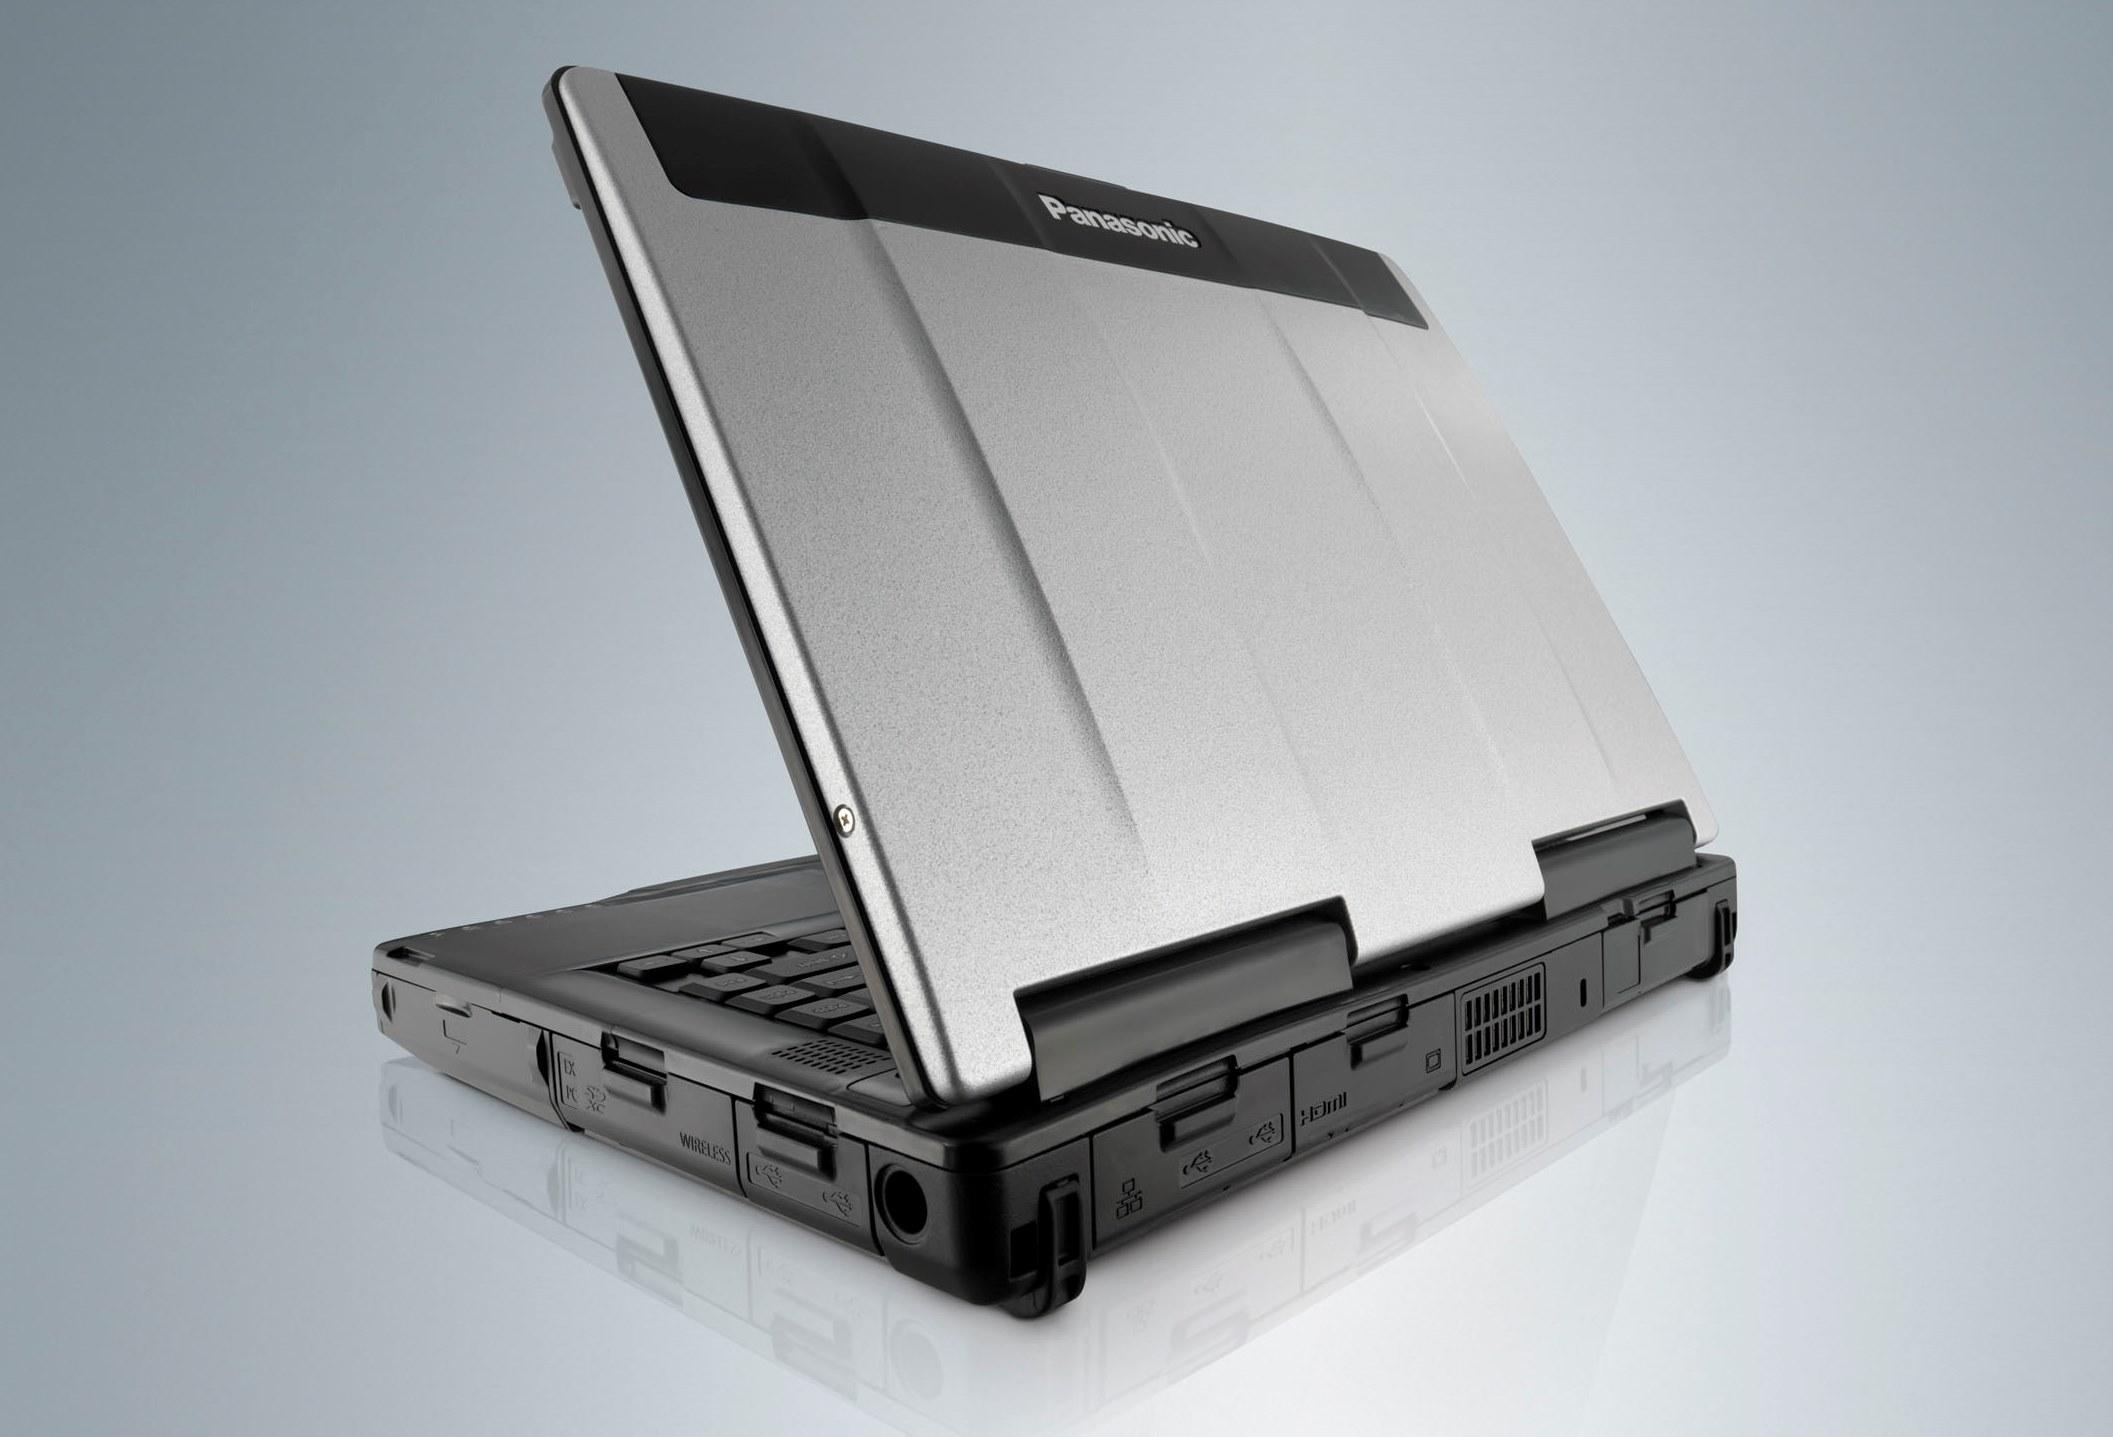 Notebook Panasonic Toughbook CF-53 migliora le prestazioni